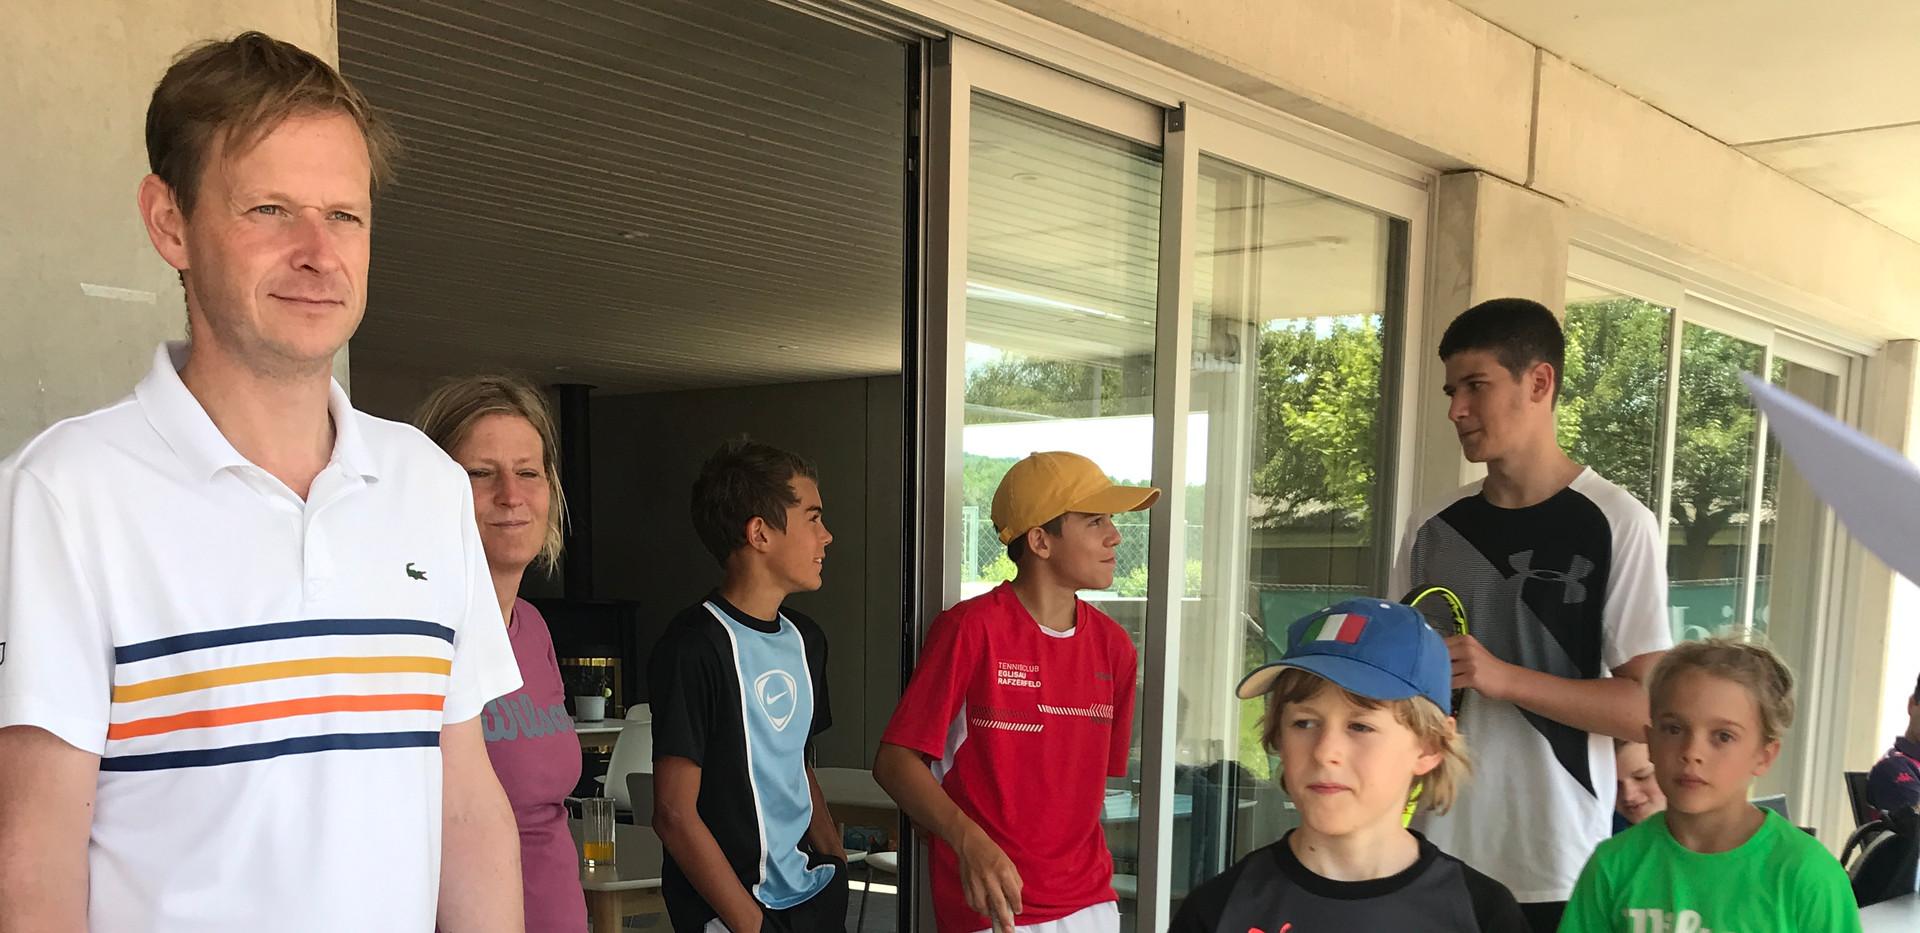 2019 Generationenturnier Eindrücke 2.JPG